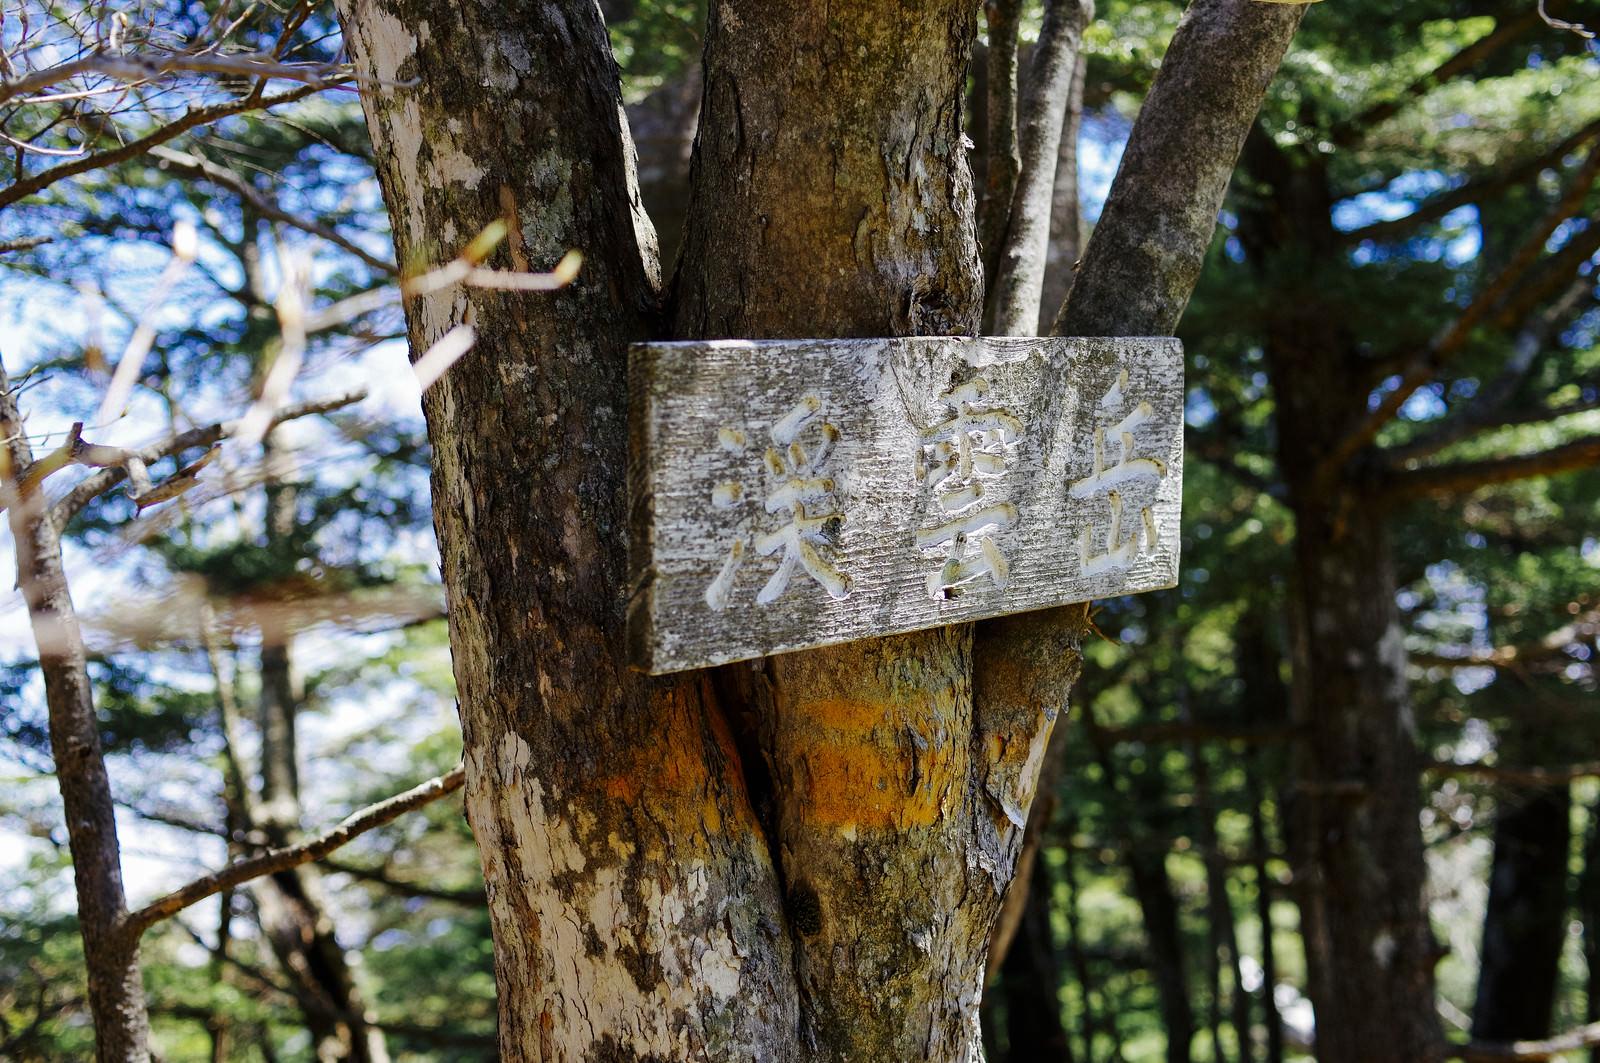 「皇海山クラシックルート上の山の一つを示す案内板」の写真